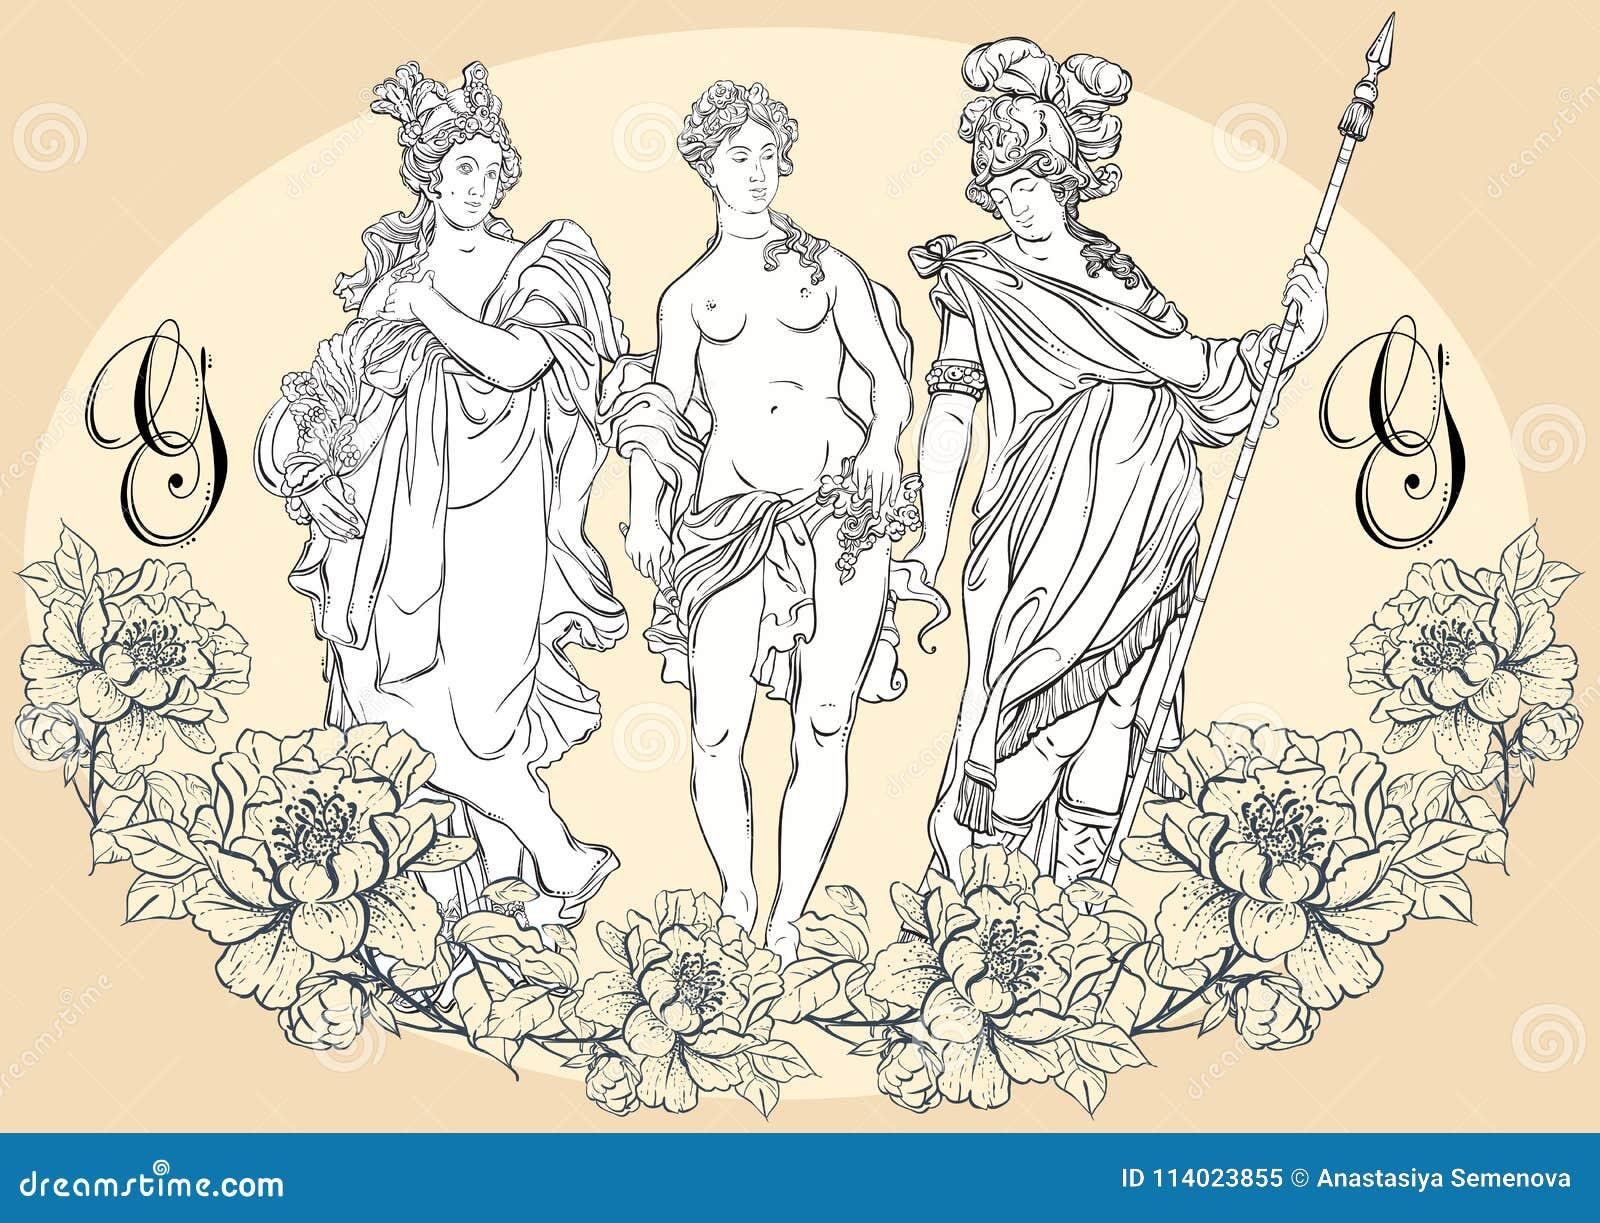 Dioses griegos, los héroes mitológicos de Grecia antigua Ilustraciones hermosas a mano del vector aisladas classicism